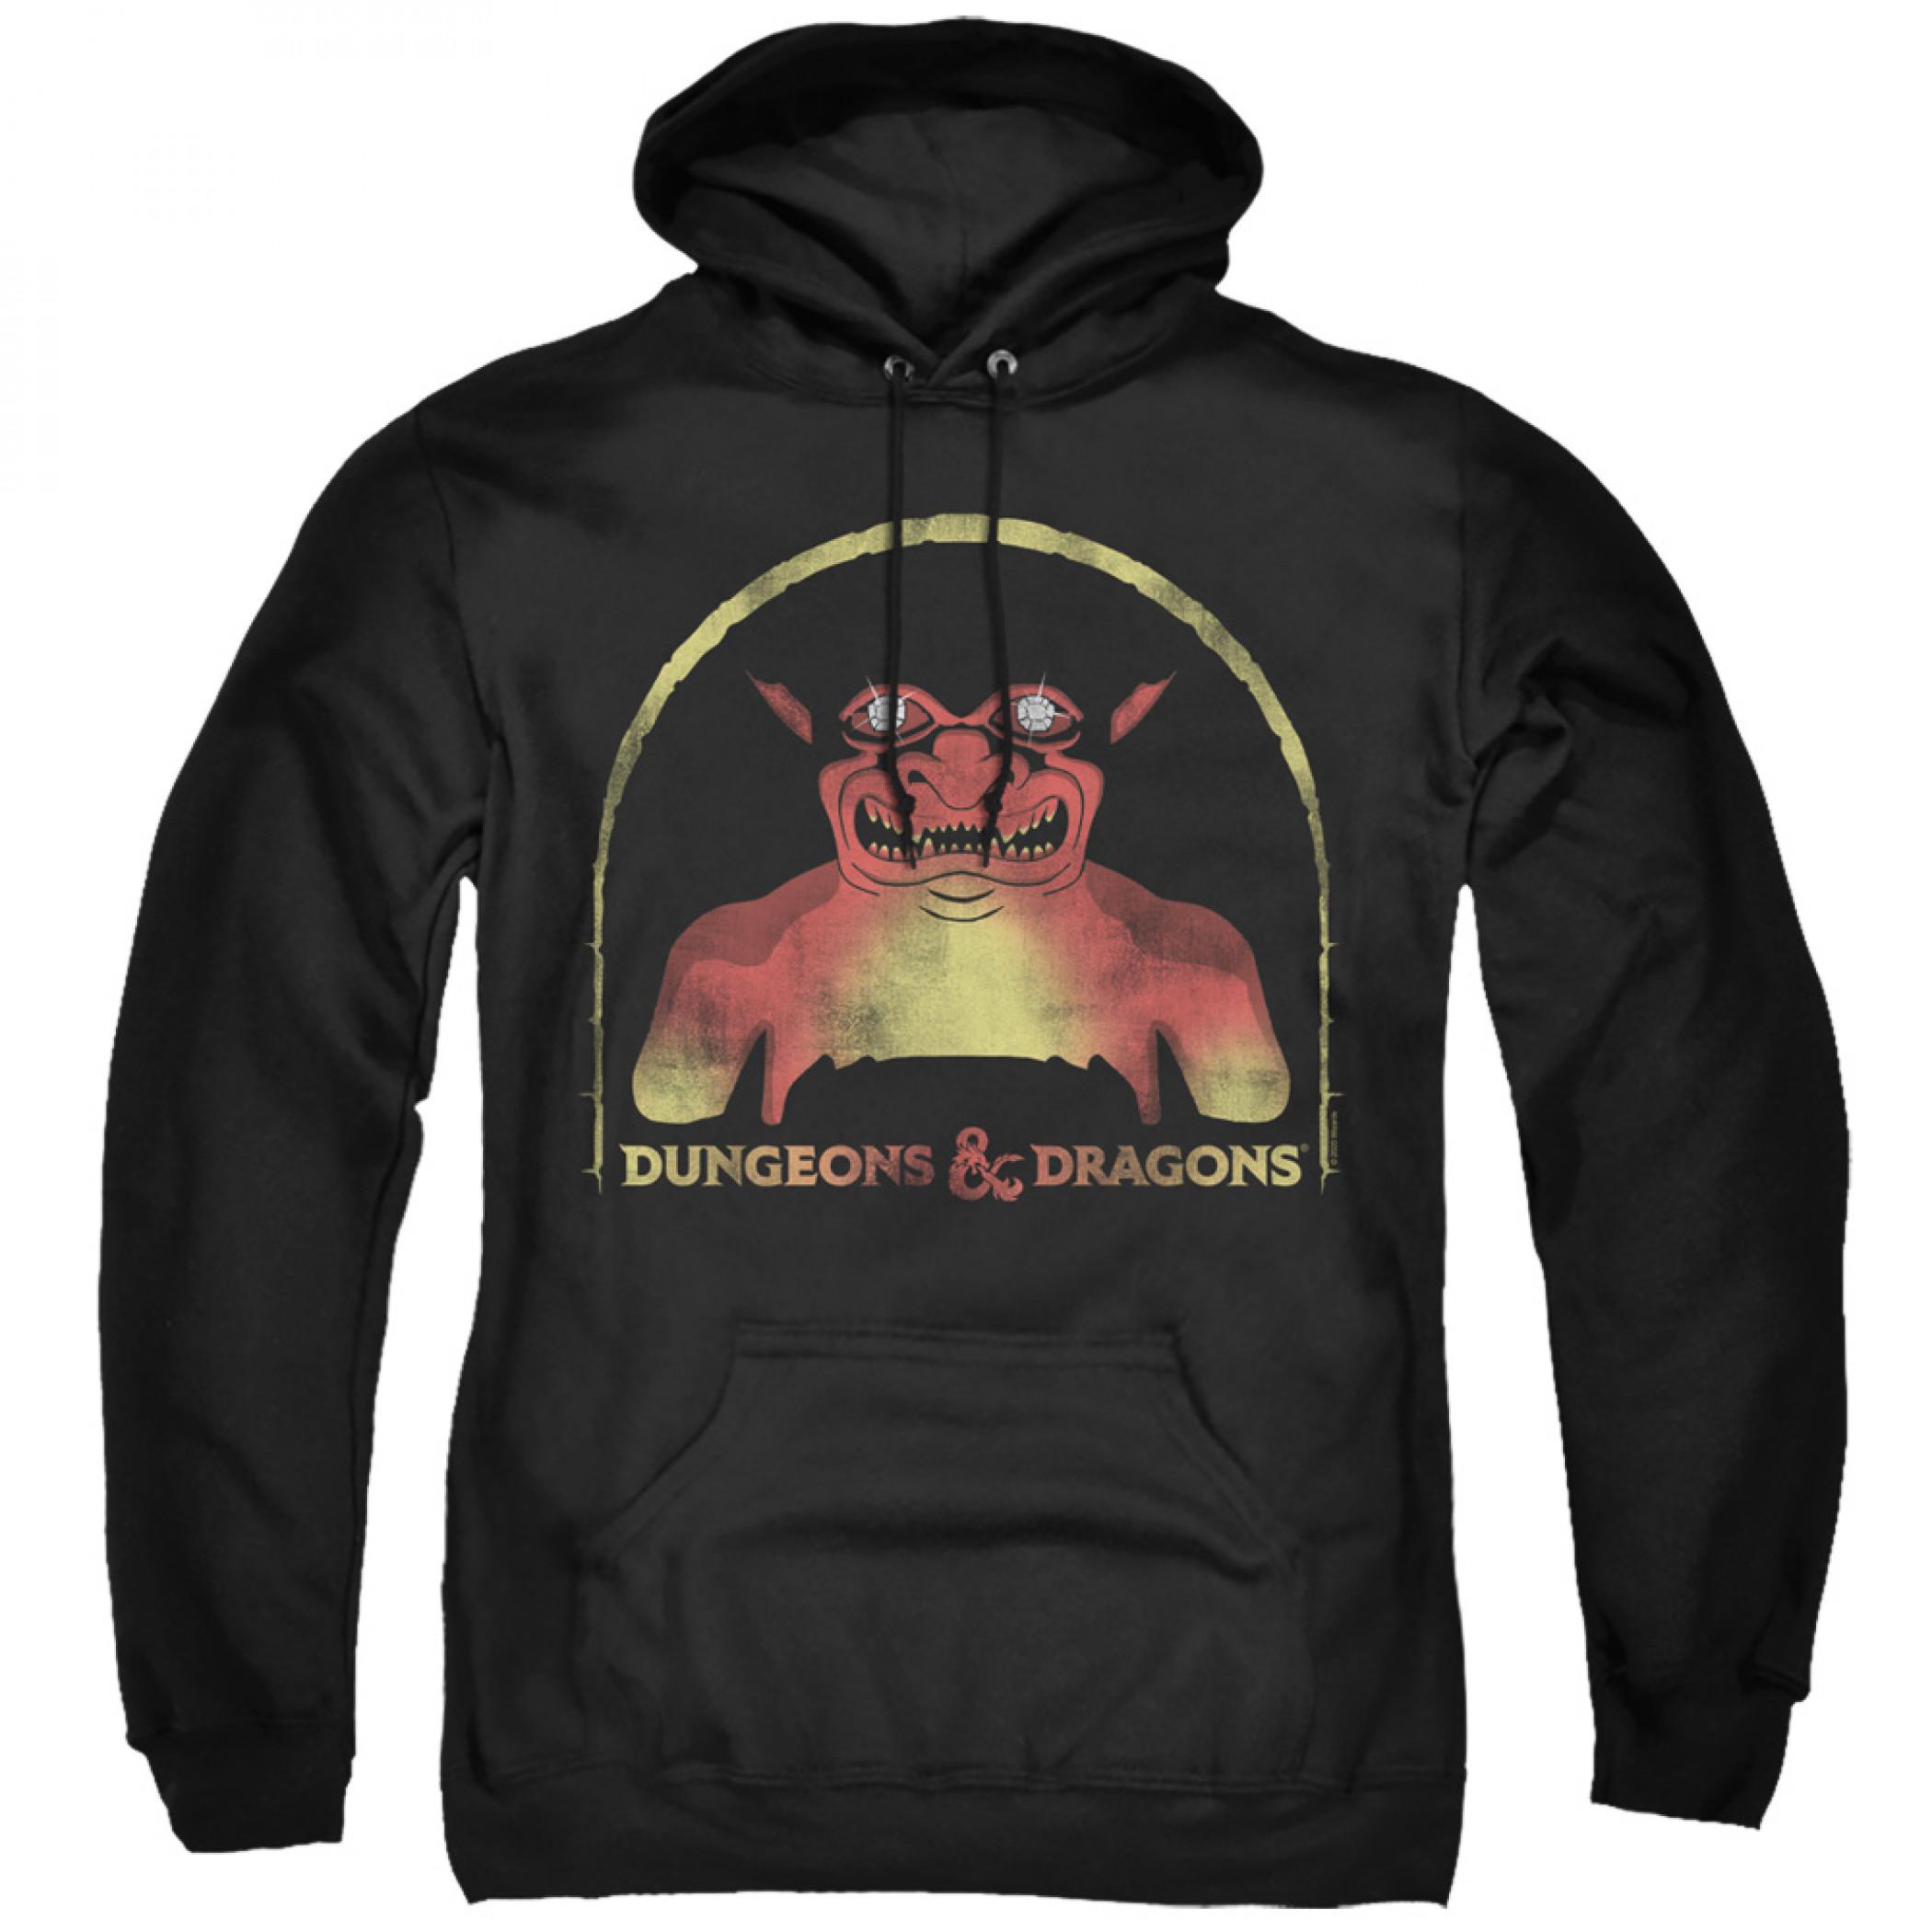 Dungeons & Dragons Old School Hoodie